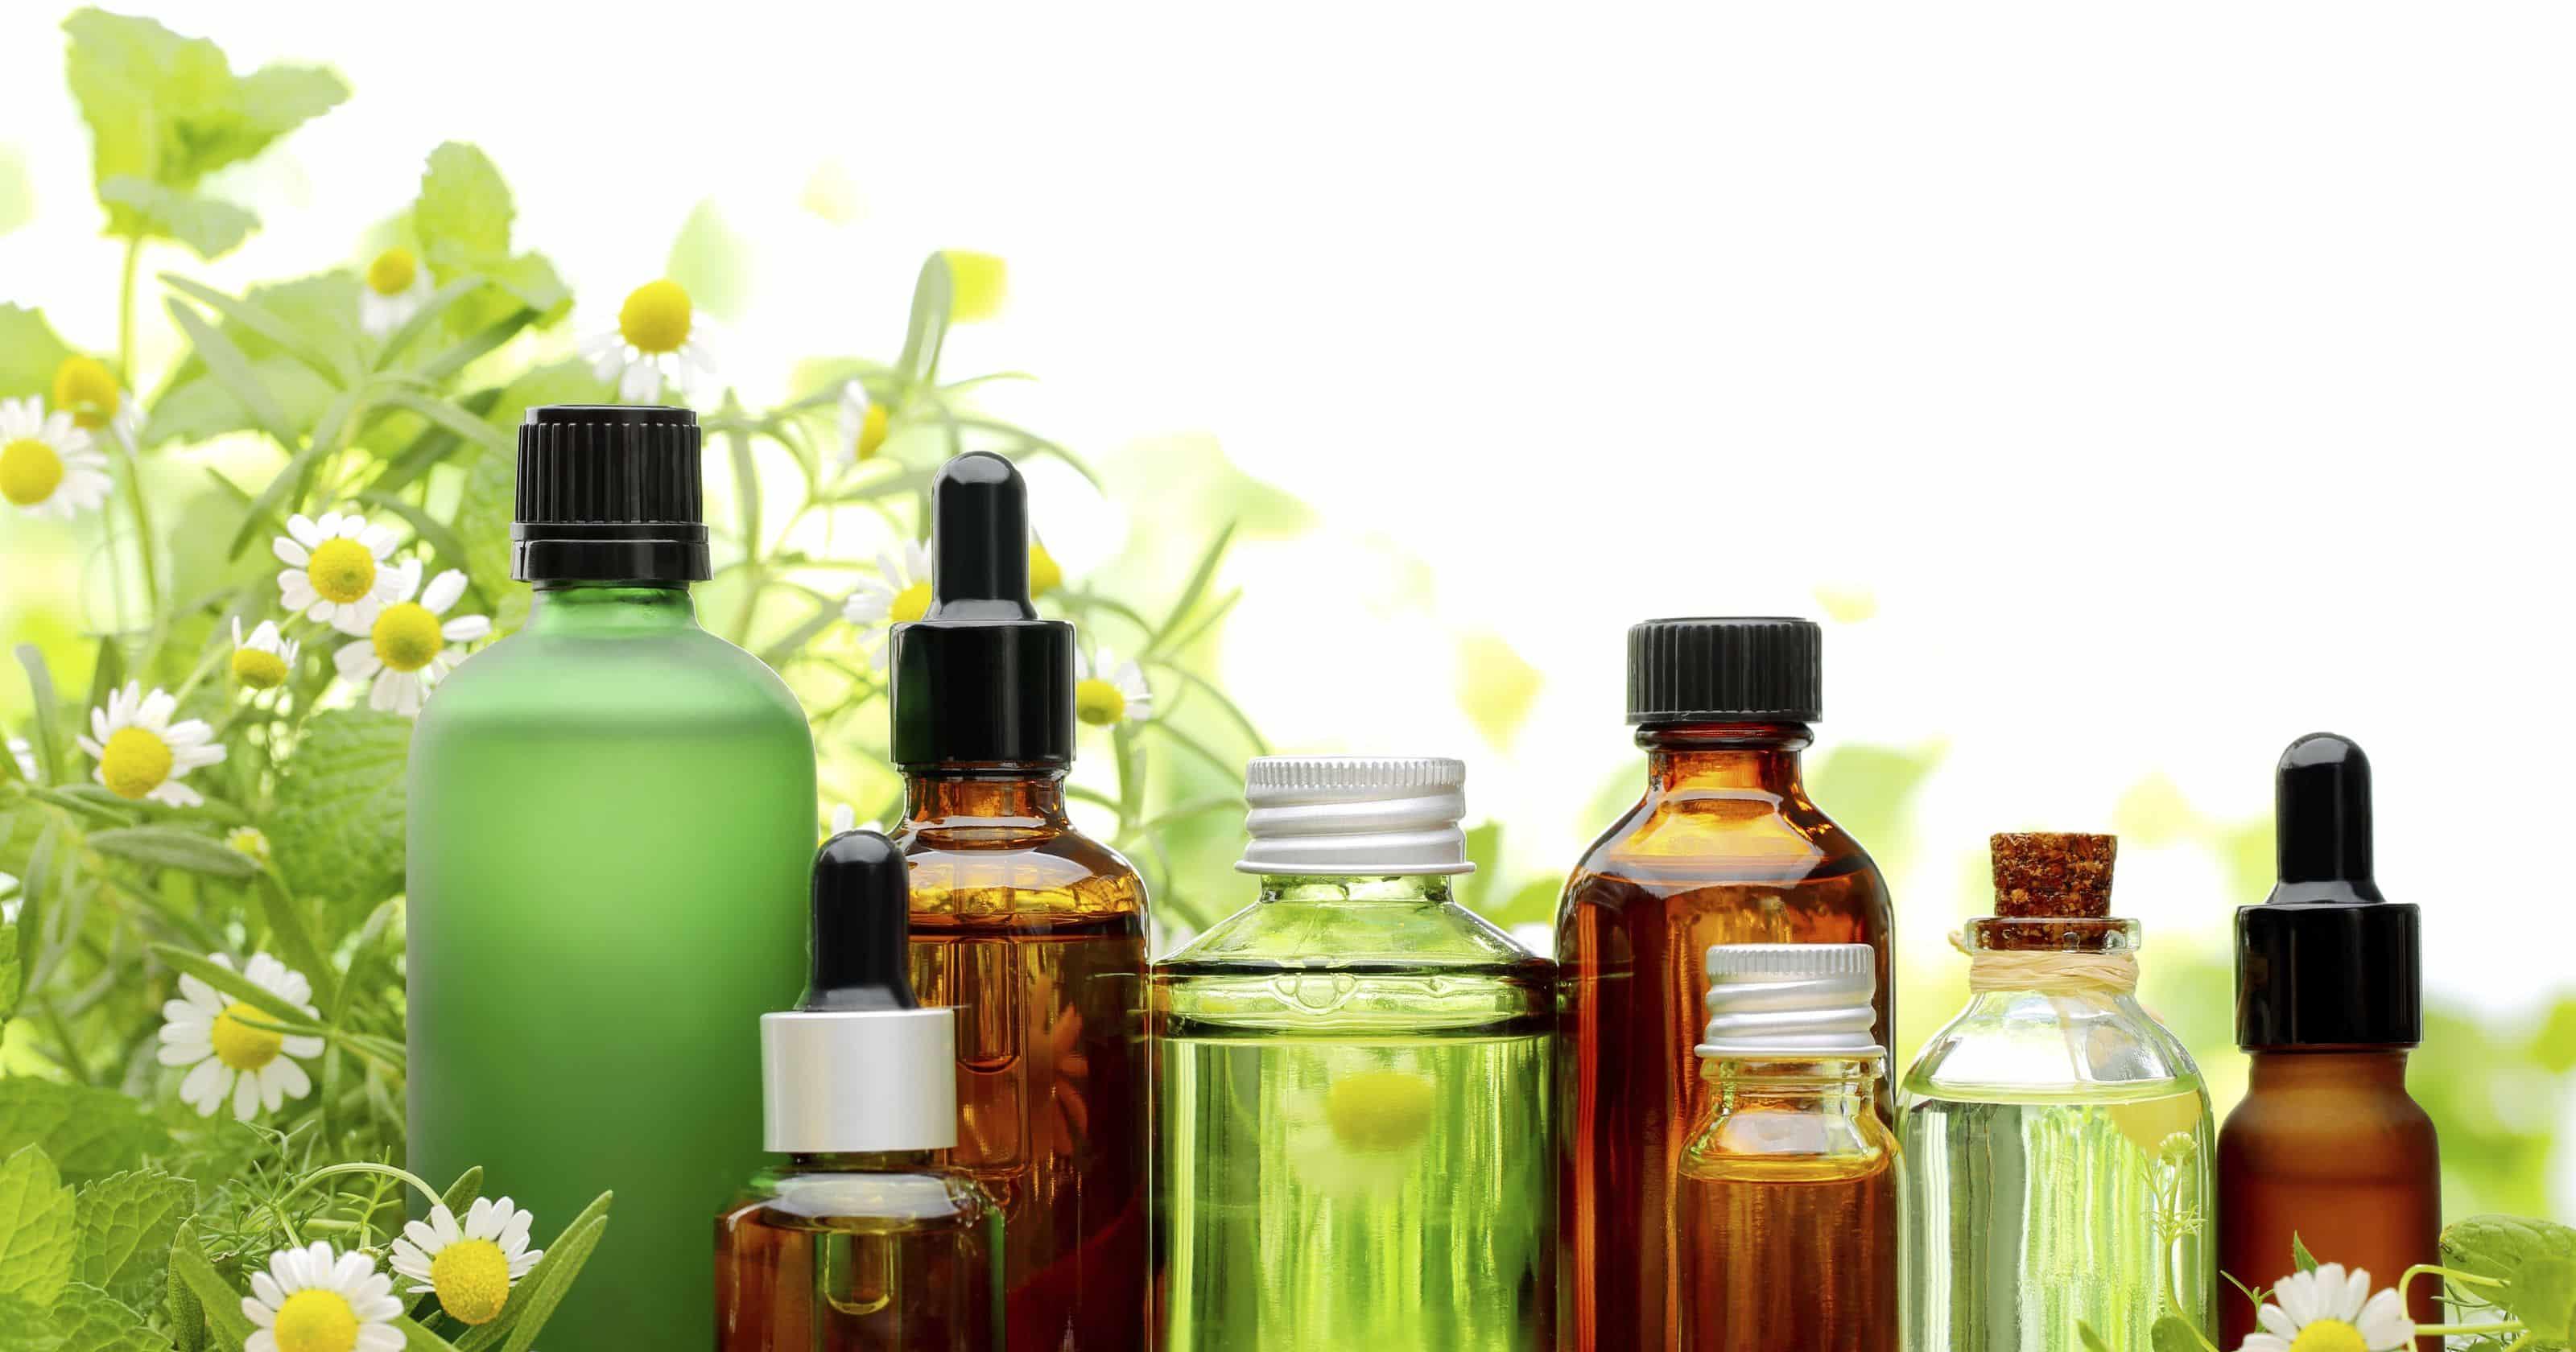 pielegnacja-wlosow-srednioporowatych-jakie-skladniki-oleje